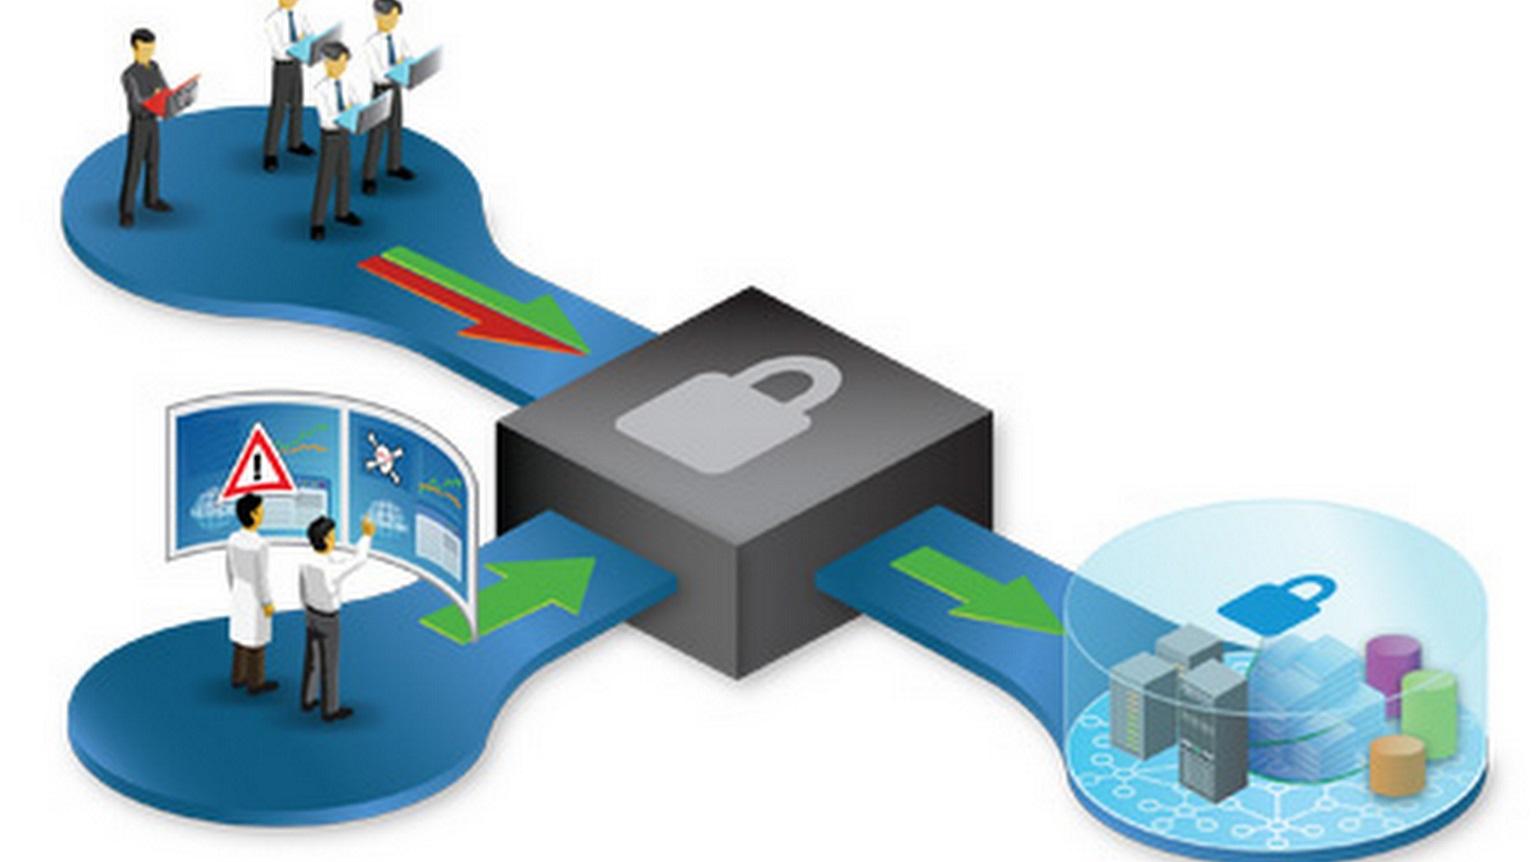 Hóa đơn điện tử thì giải pháp nào cho doanh nghiệp có nhiều người cùng xuất hóa đơn?